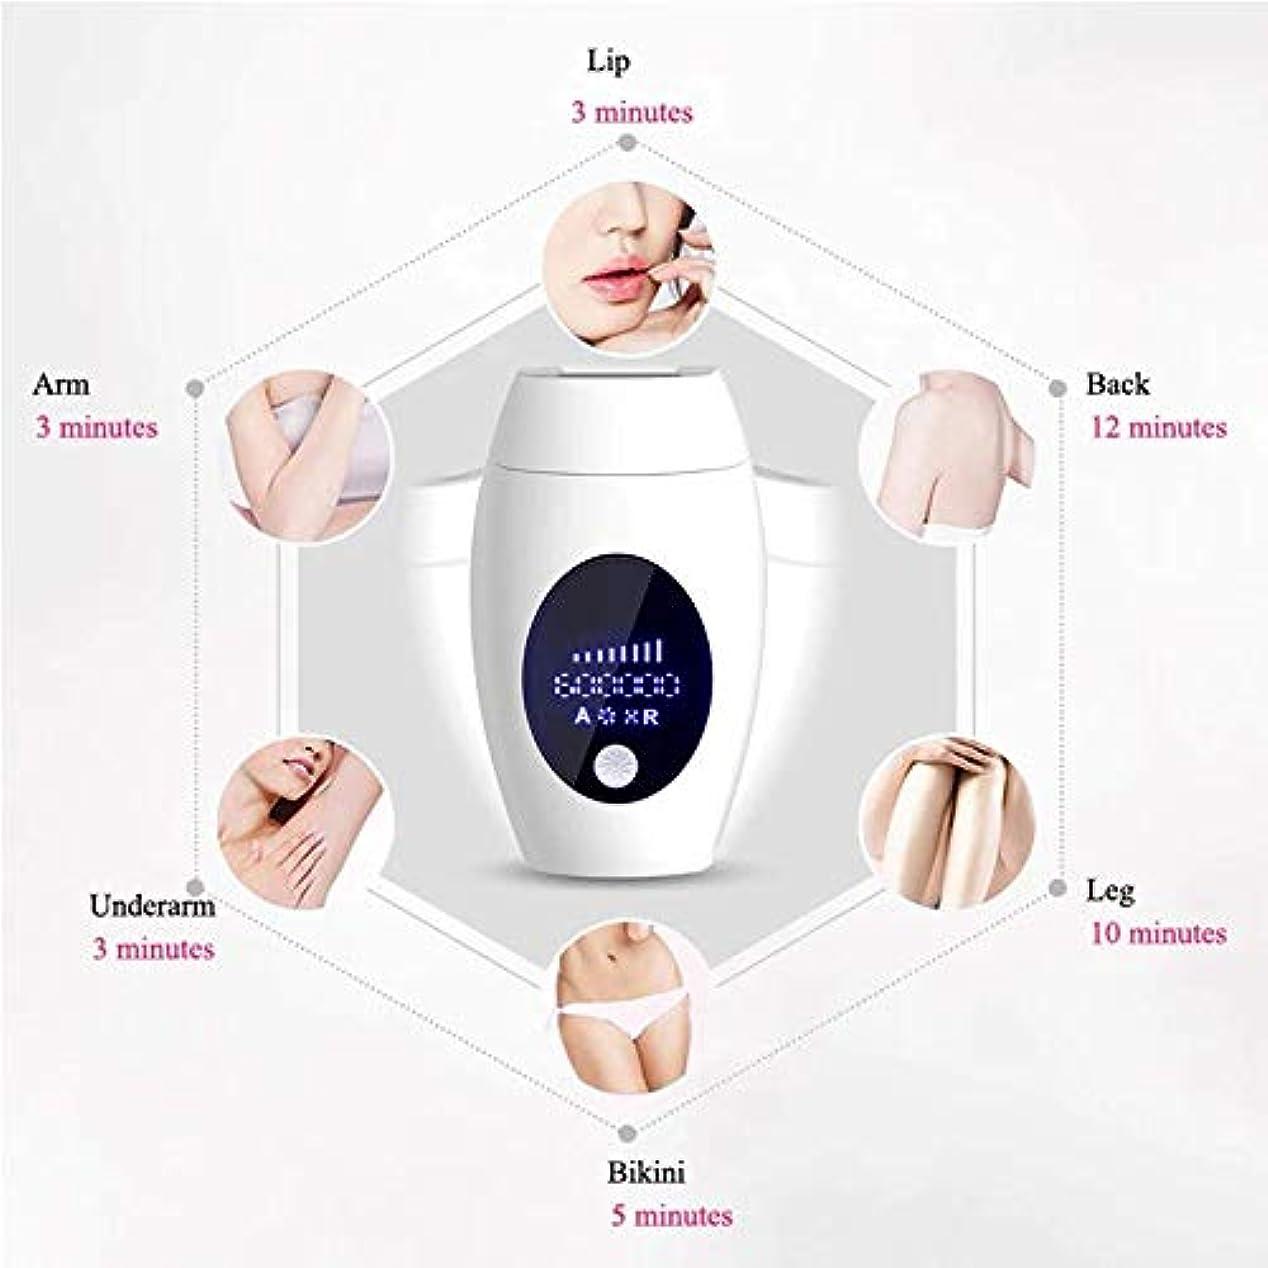 格差贅沢粉砕するレーザー脱毛デバイスは、永久無痛600,000点滅し、8つのエネルギーレベルに女性と男性のためのフェイシャル?プロフェッショナルレーザー脱毛システムをアップグレード